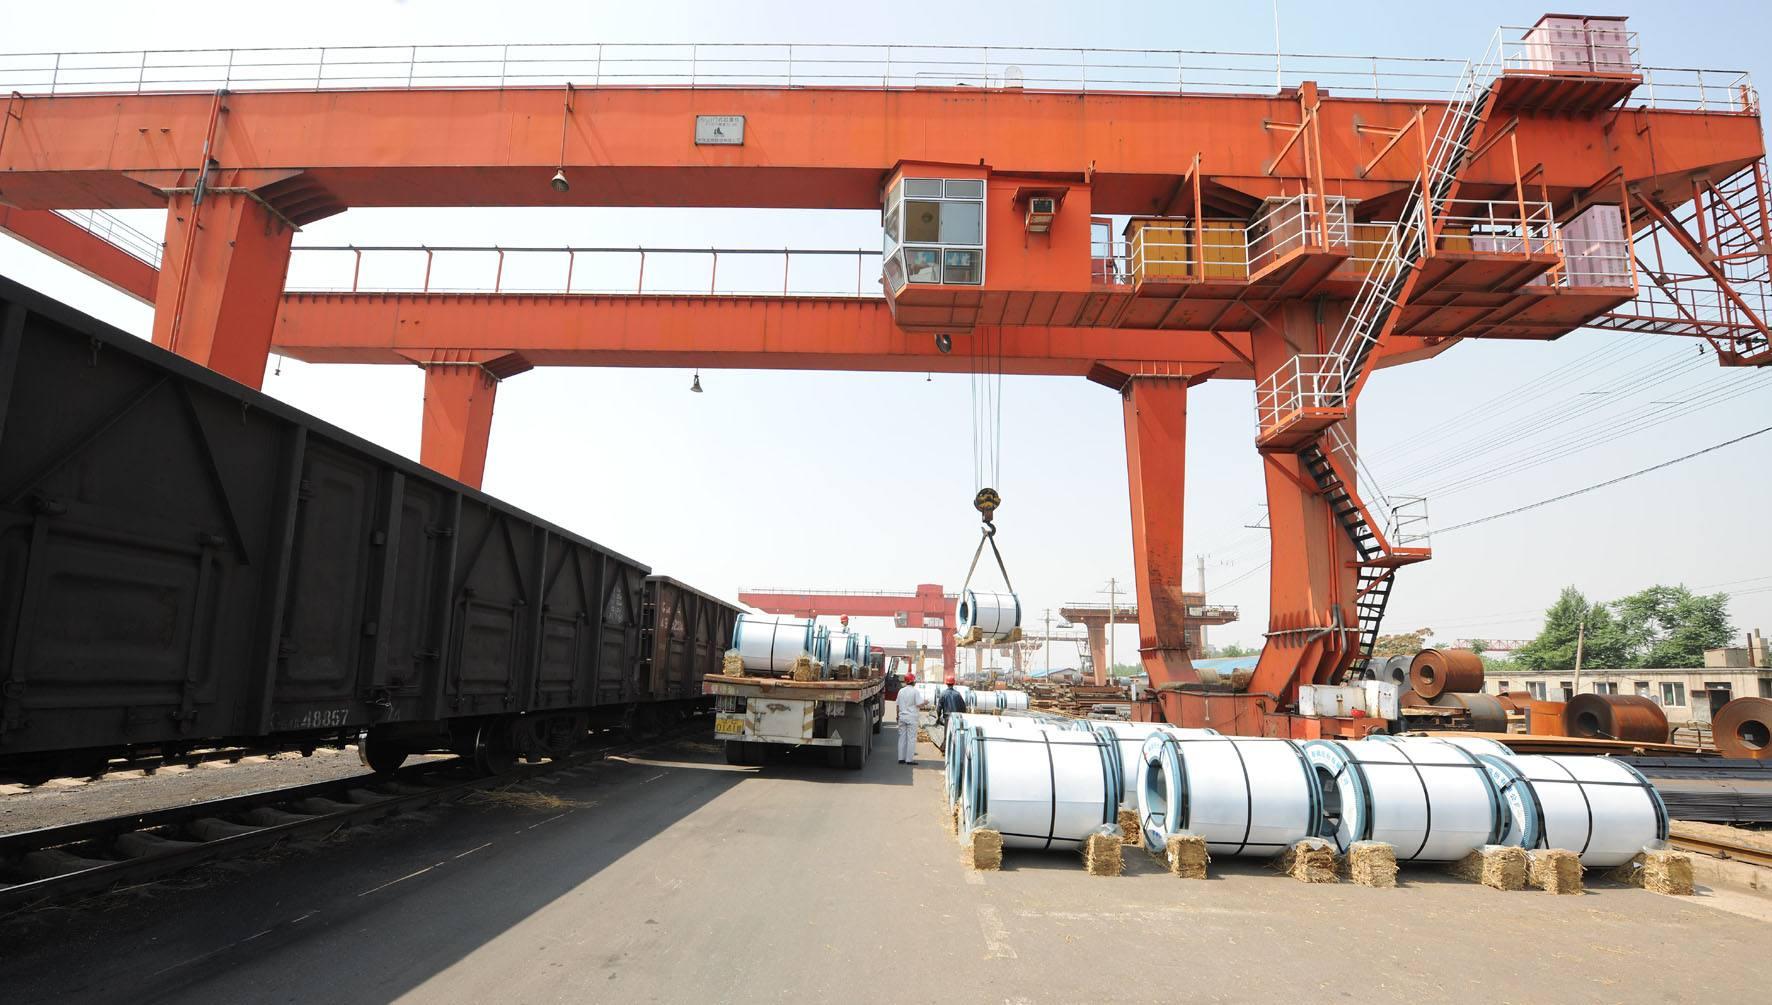 《铁路物流之铁路货场的业务特点和管理需求分析》